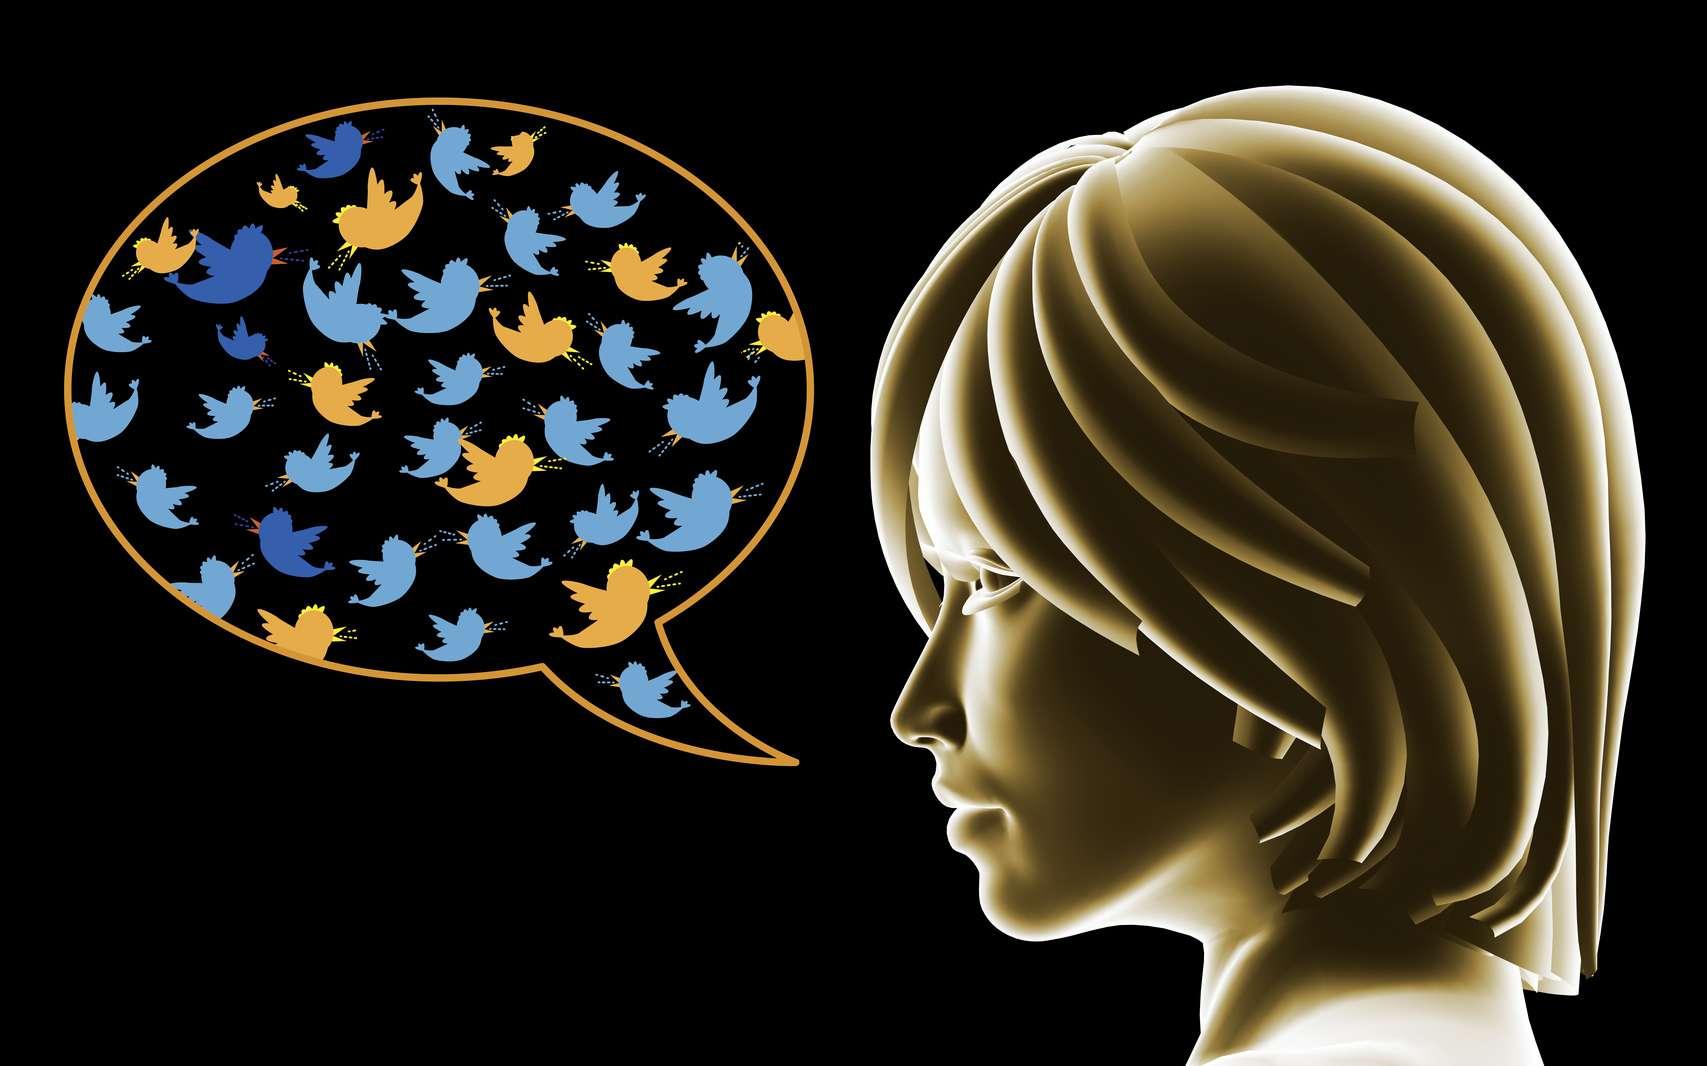 Selon Twitter, l'allongement de la taille des messages (désormais jusqu'à 280 caractères) ne nuira pas à la brièveté, qui est l'apanage de ce réseau social. © HANK, Fotolia